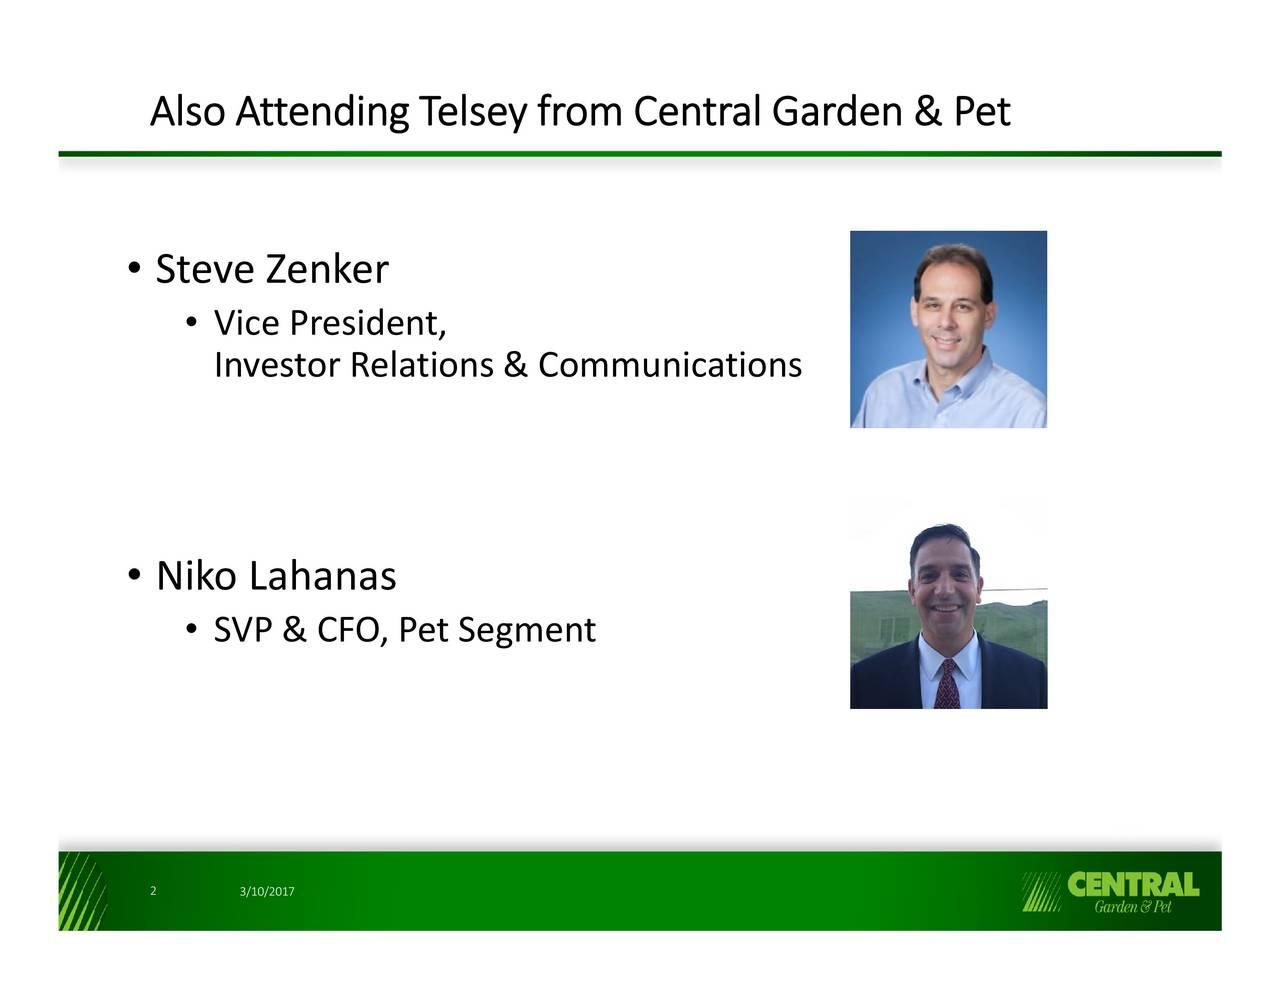 2017 steve zenker vice president investor relations communications niko lahanas svp cfo pet - Central Garden And Pet